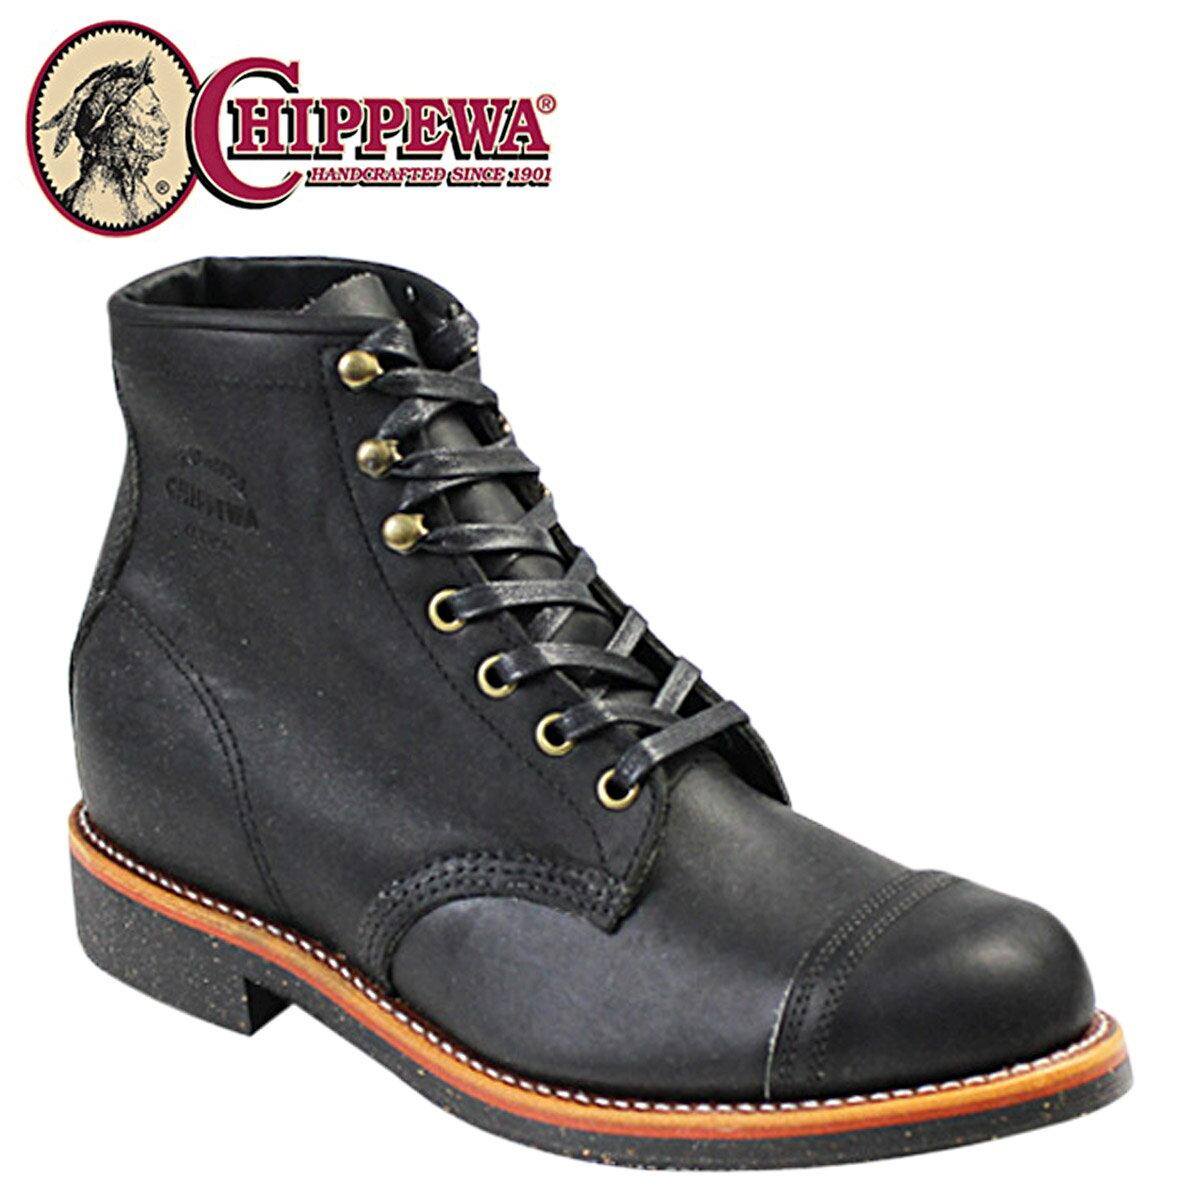 CHIPPEWA チペワ 6INCH HOMESTEAD BOOT 6インチ ホームステッド ブーツ ブラック 1901M31 Dワイズ レザー メンズ [12/15 再入荷] [1712]